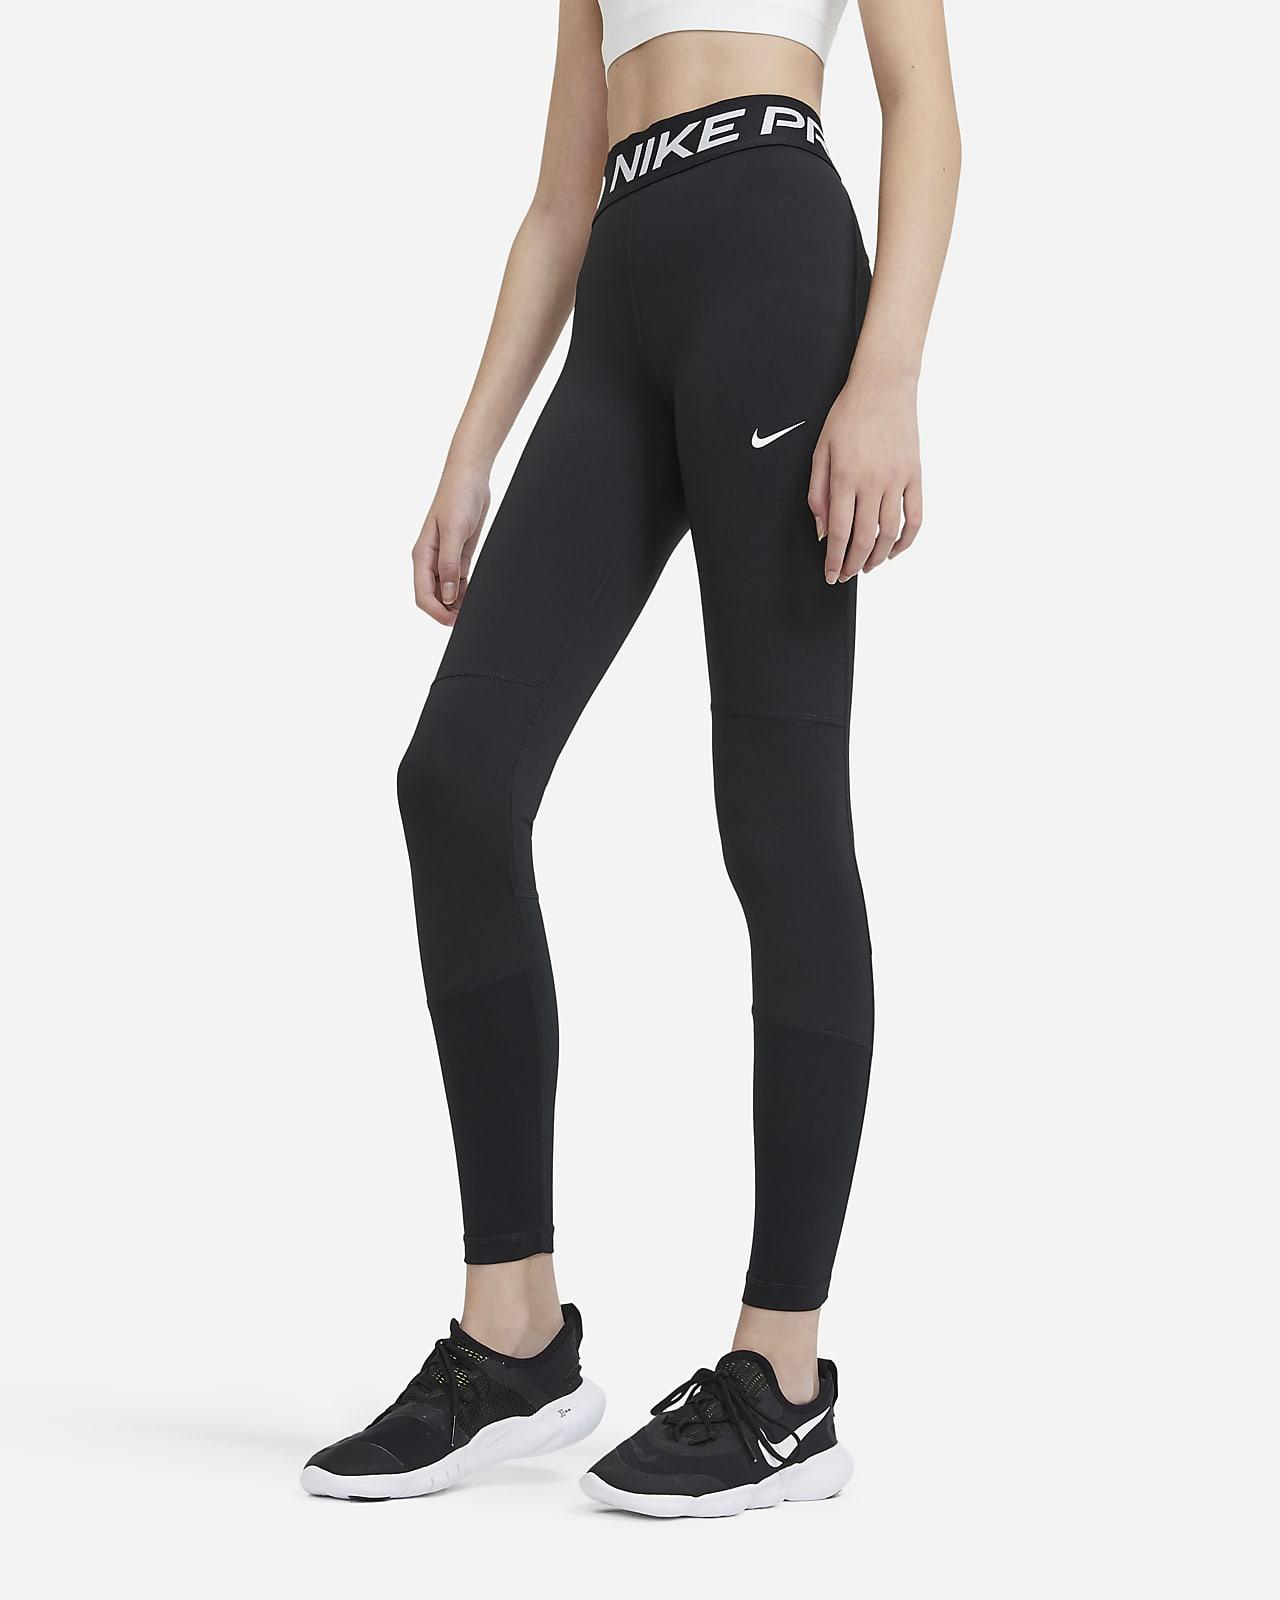 เลกกิ้งเด็กโต Nike Pro (หญิง)